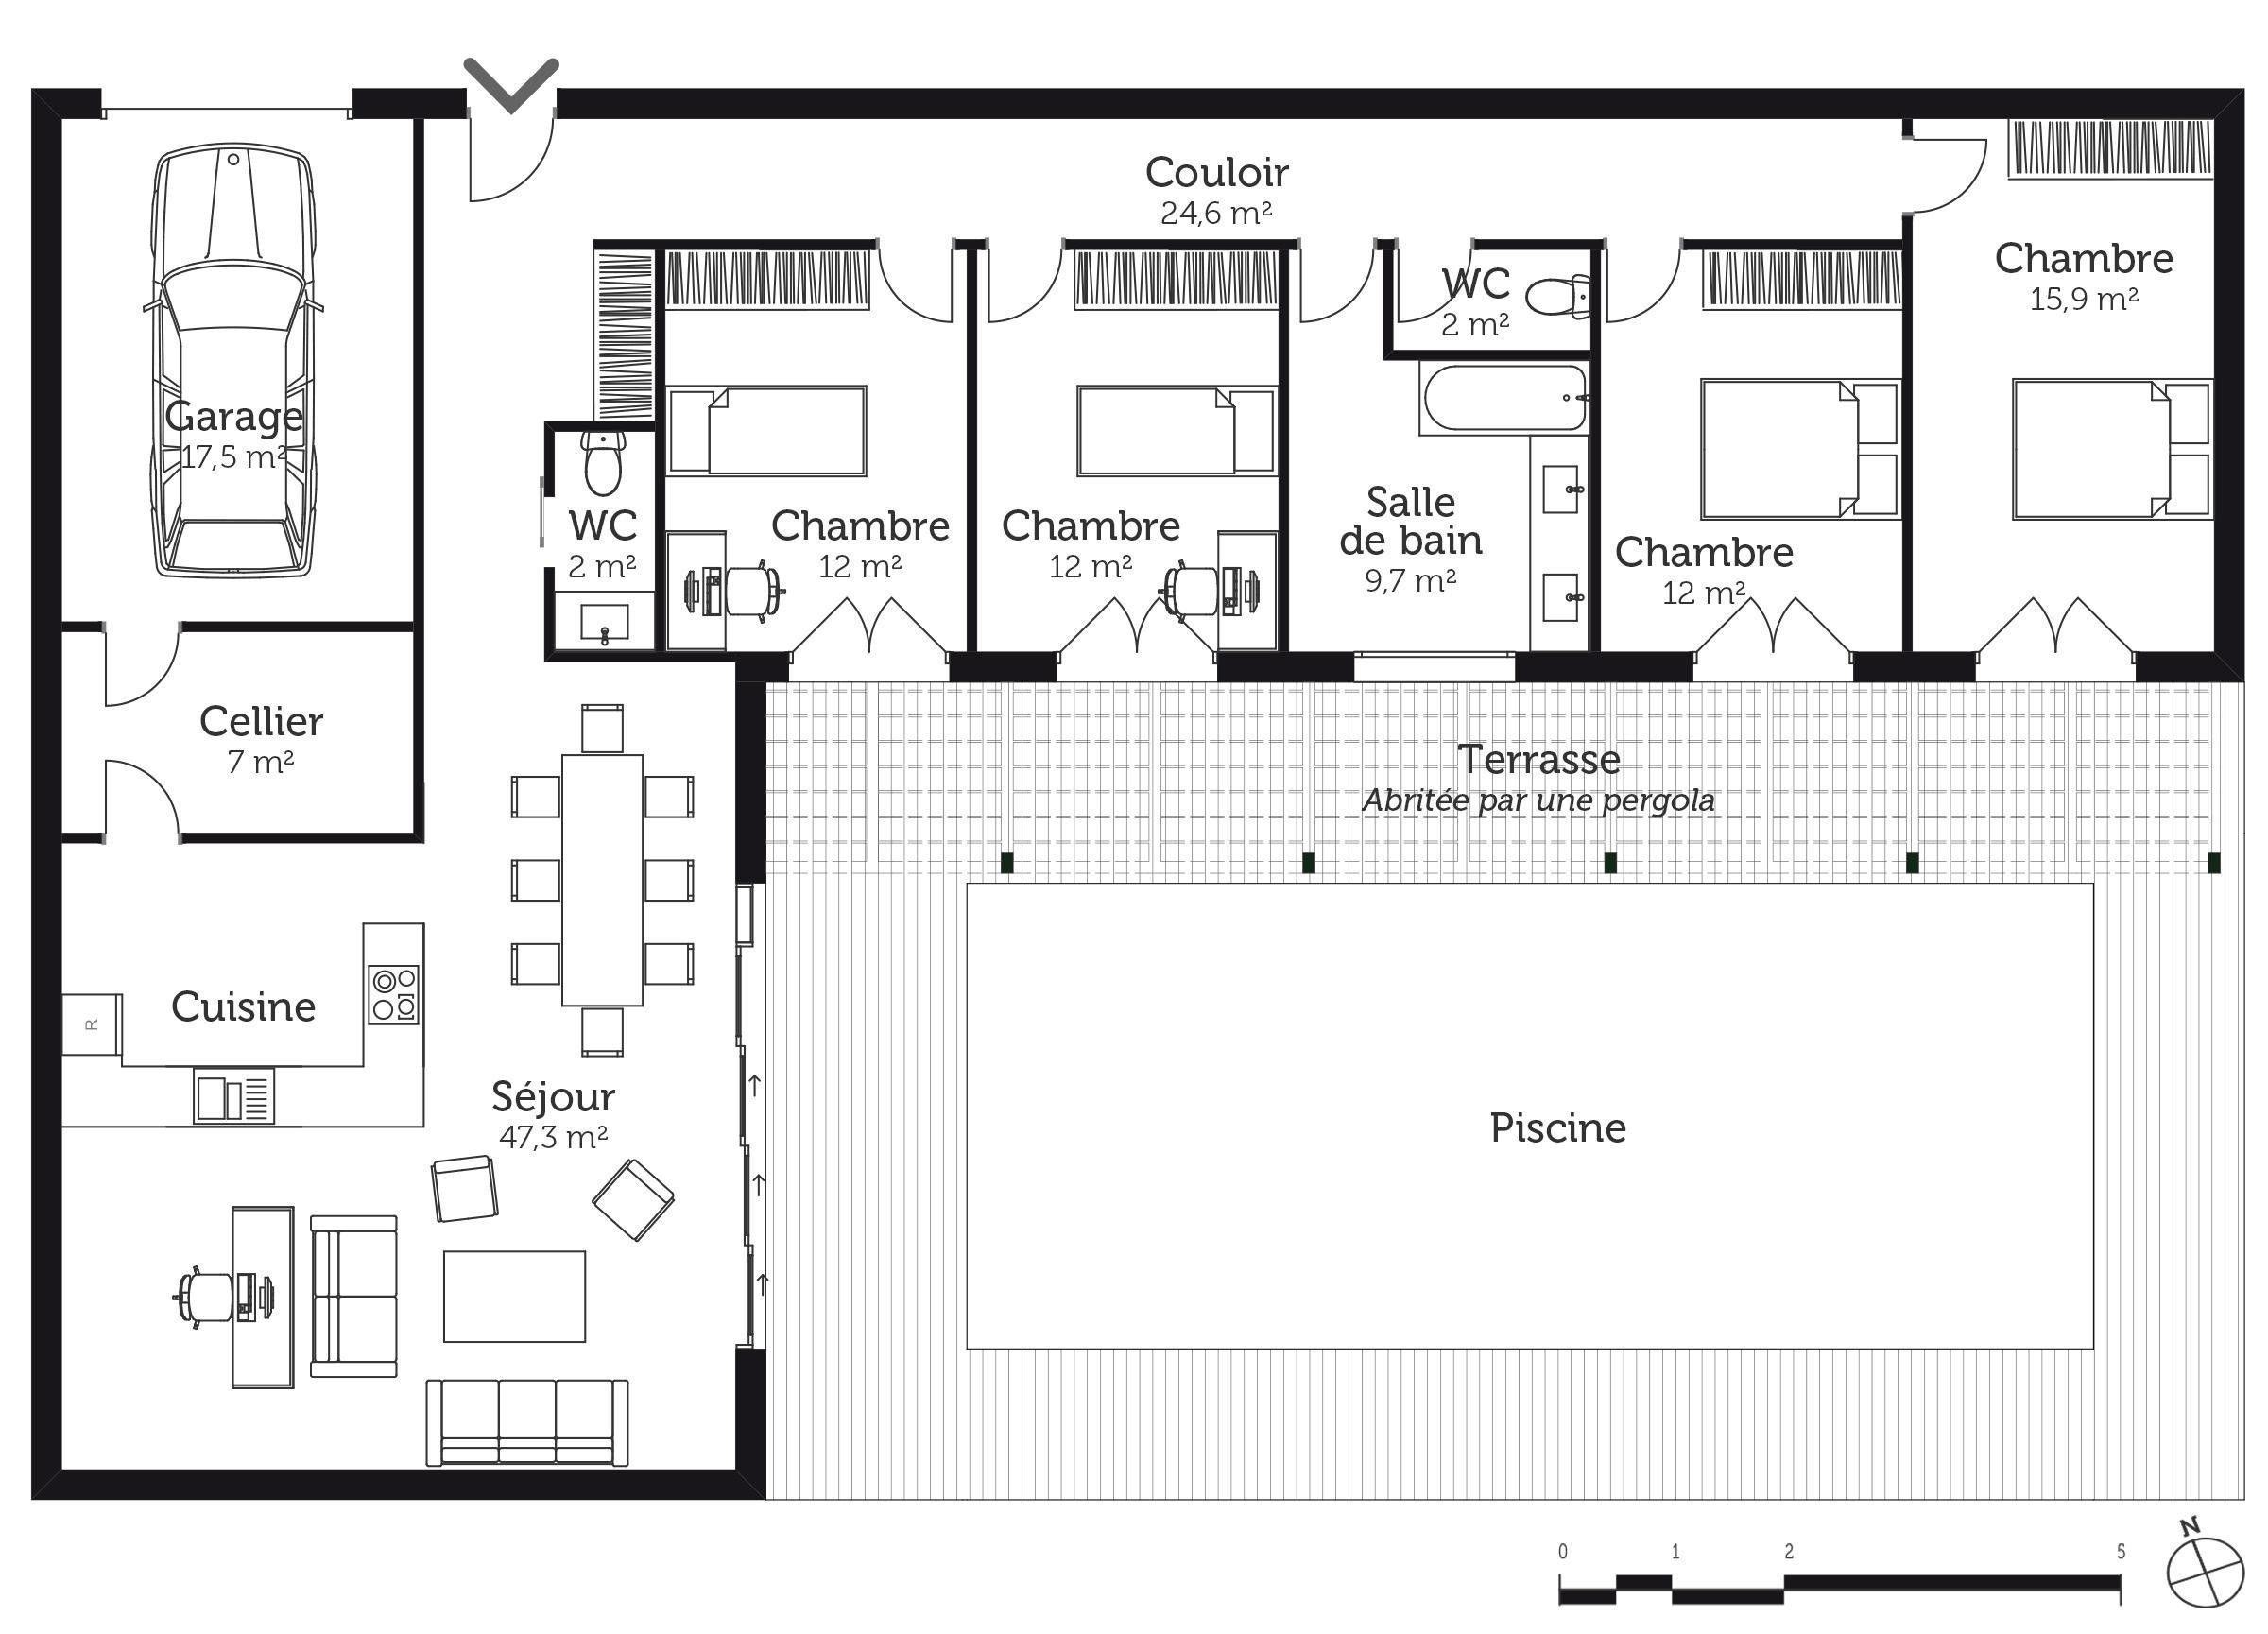 Awesome Maison Minecraft Plan Eigenheim Grundriss Haus Grundriss Hofhaus Plane